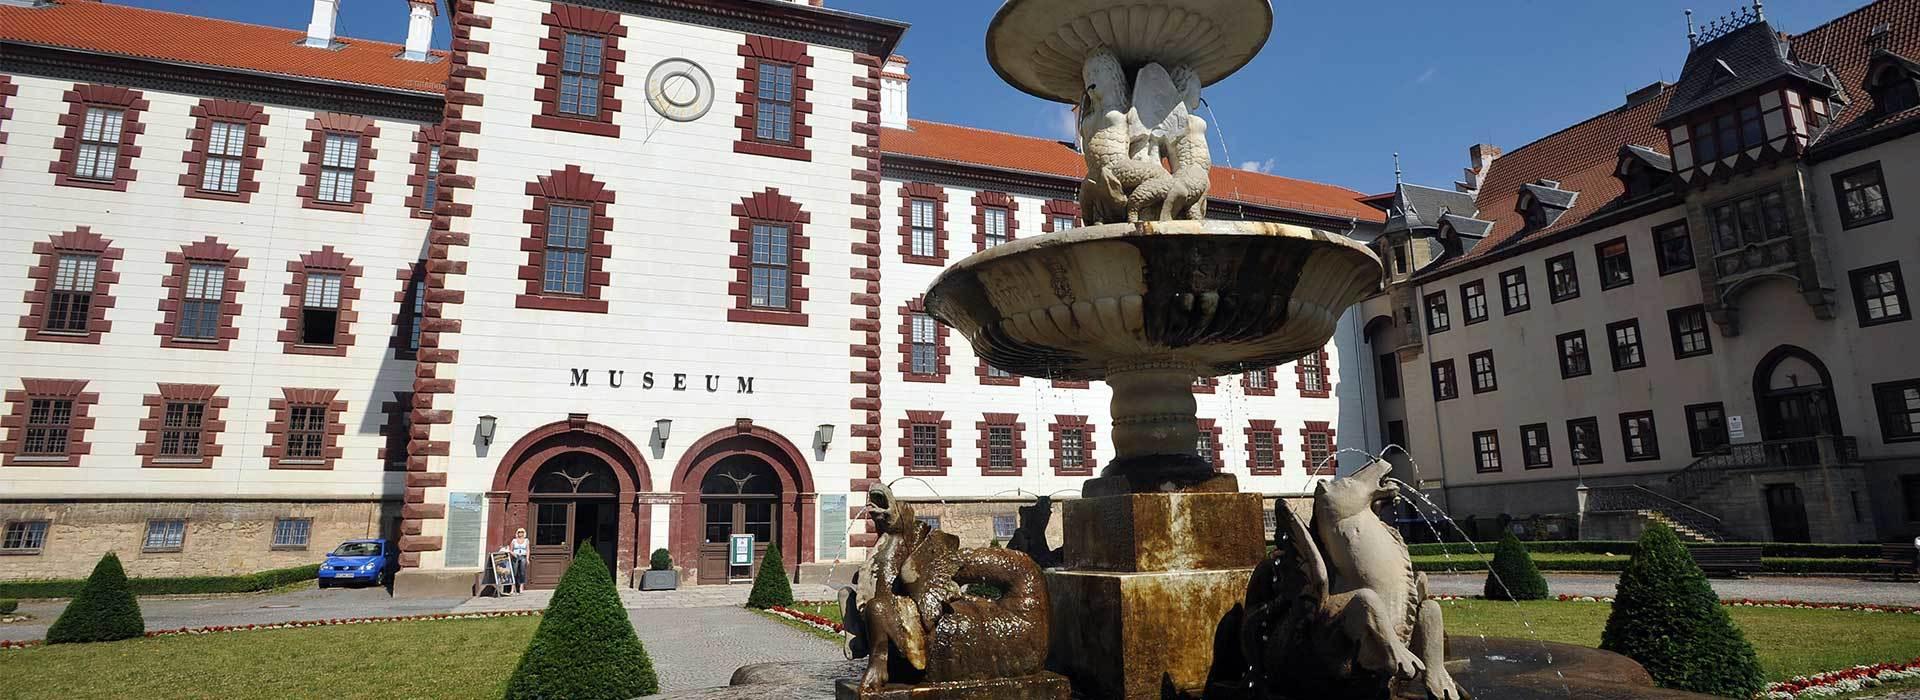 Schlossanlage Meiningen - Ausflüge für Gruppenreisen in Thüringen | Fotograf: Maik Schuck | Bildeigner: Thüringer Tourismus GmbH